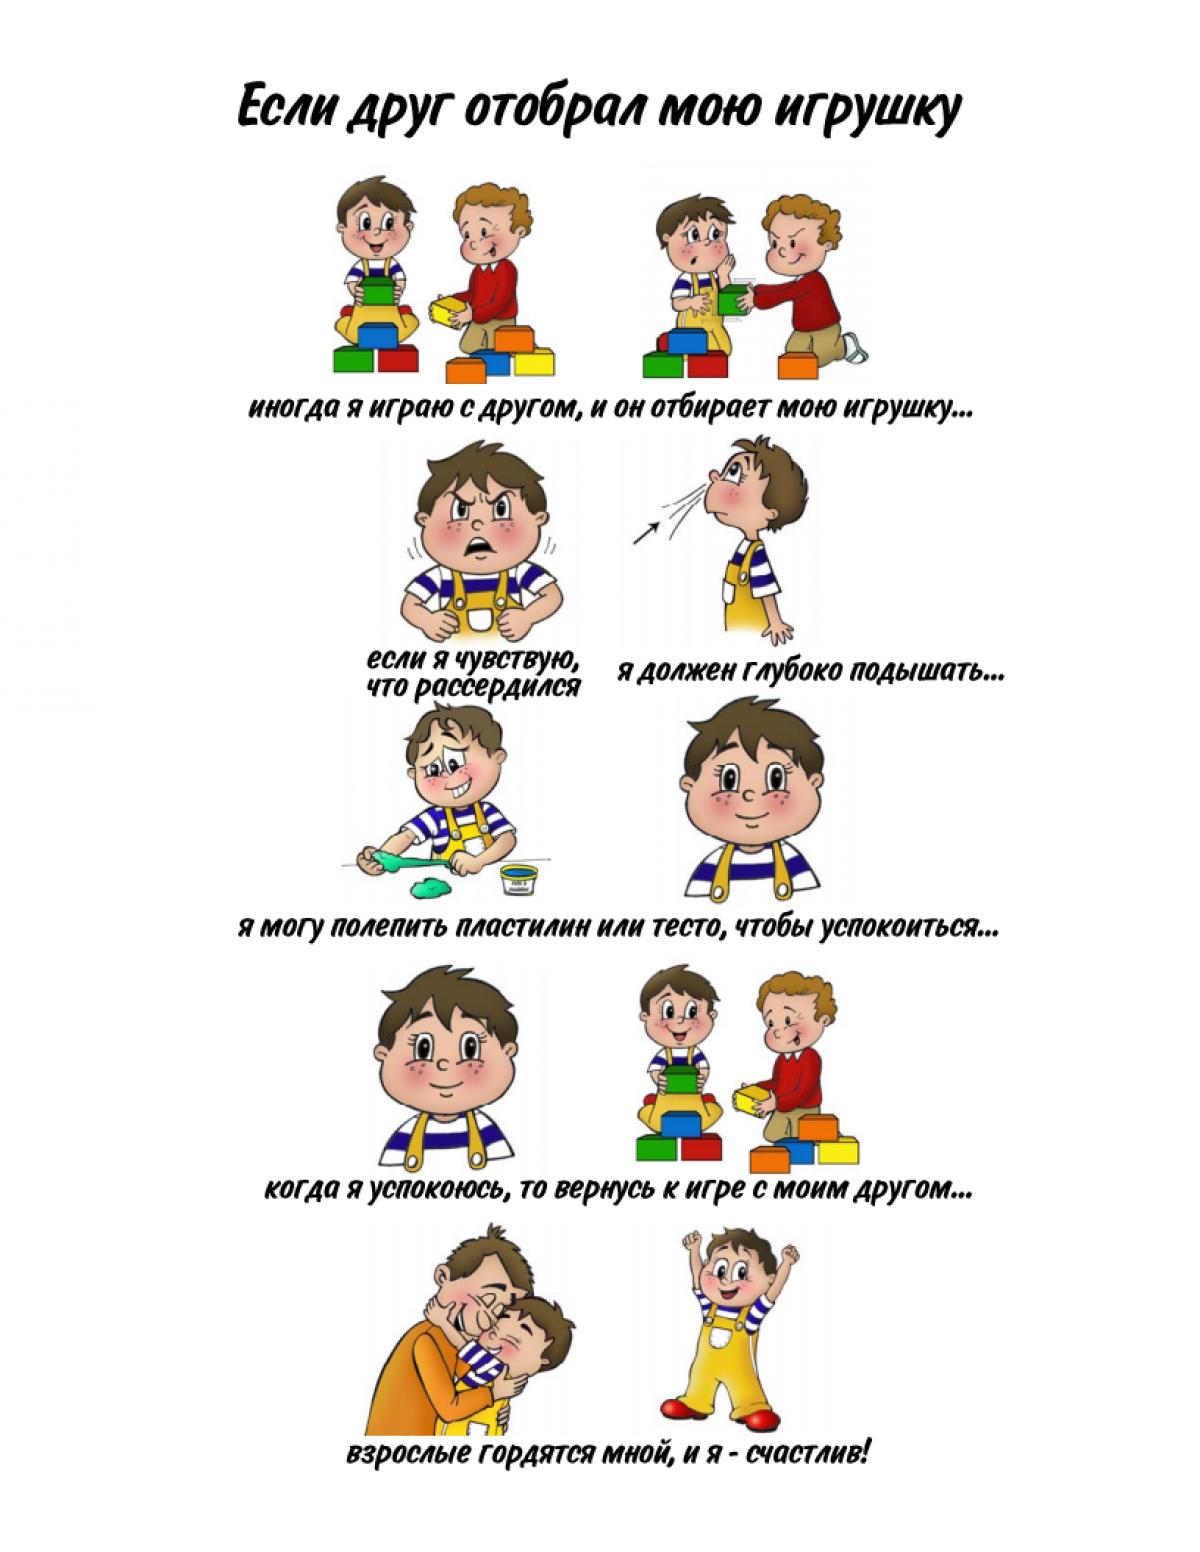 Социальная история «Если друг отобрал мою игрушку»